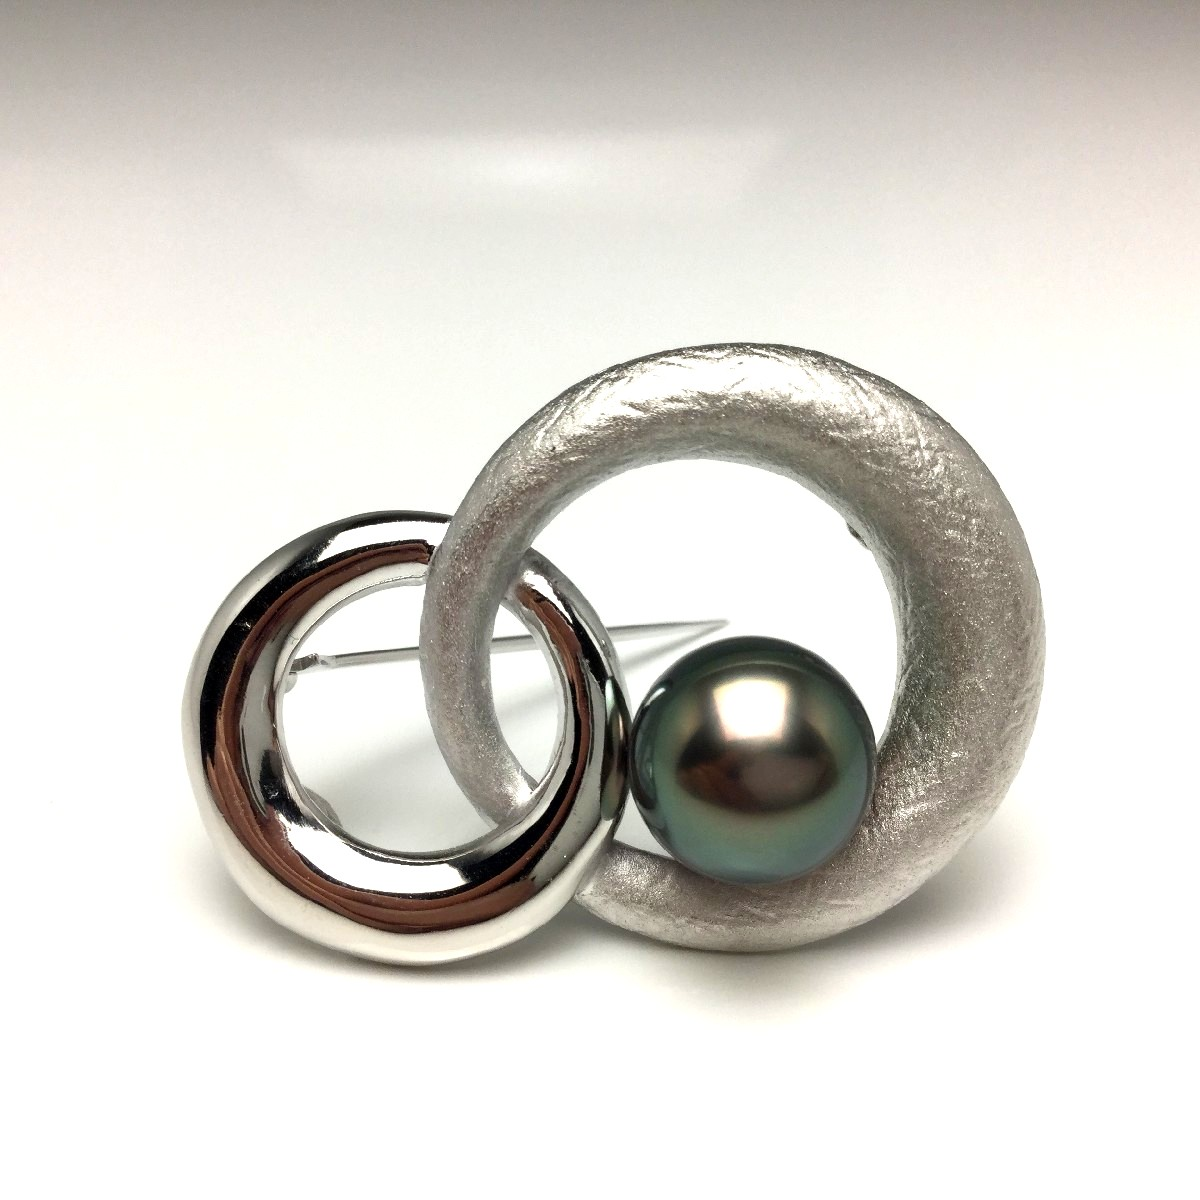 真珠 ブローチ パール 黒蝶真珠 10.5mm ピーコックグリーン シルバー 65901 イソワパール